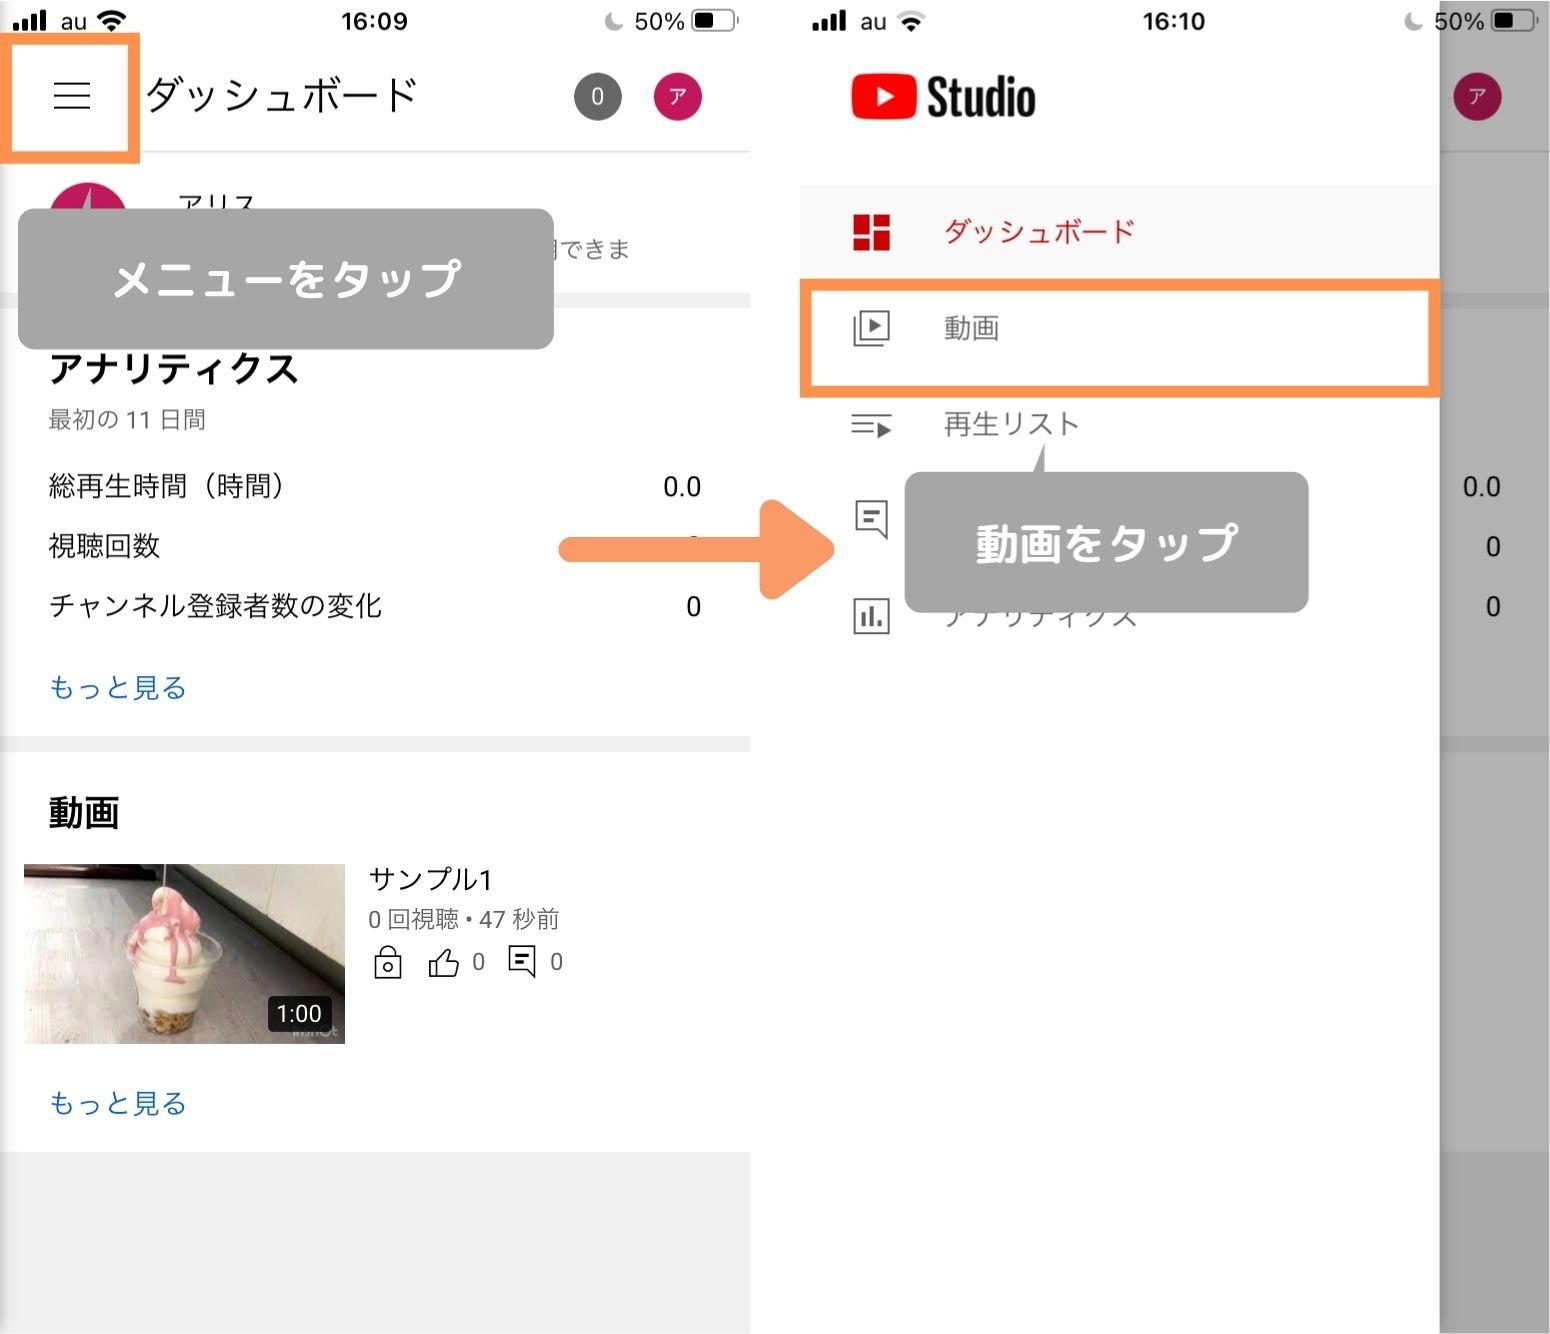 Youtube Studioの動画をタップ